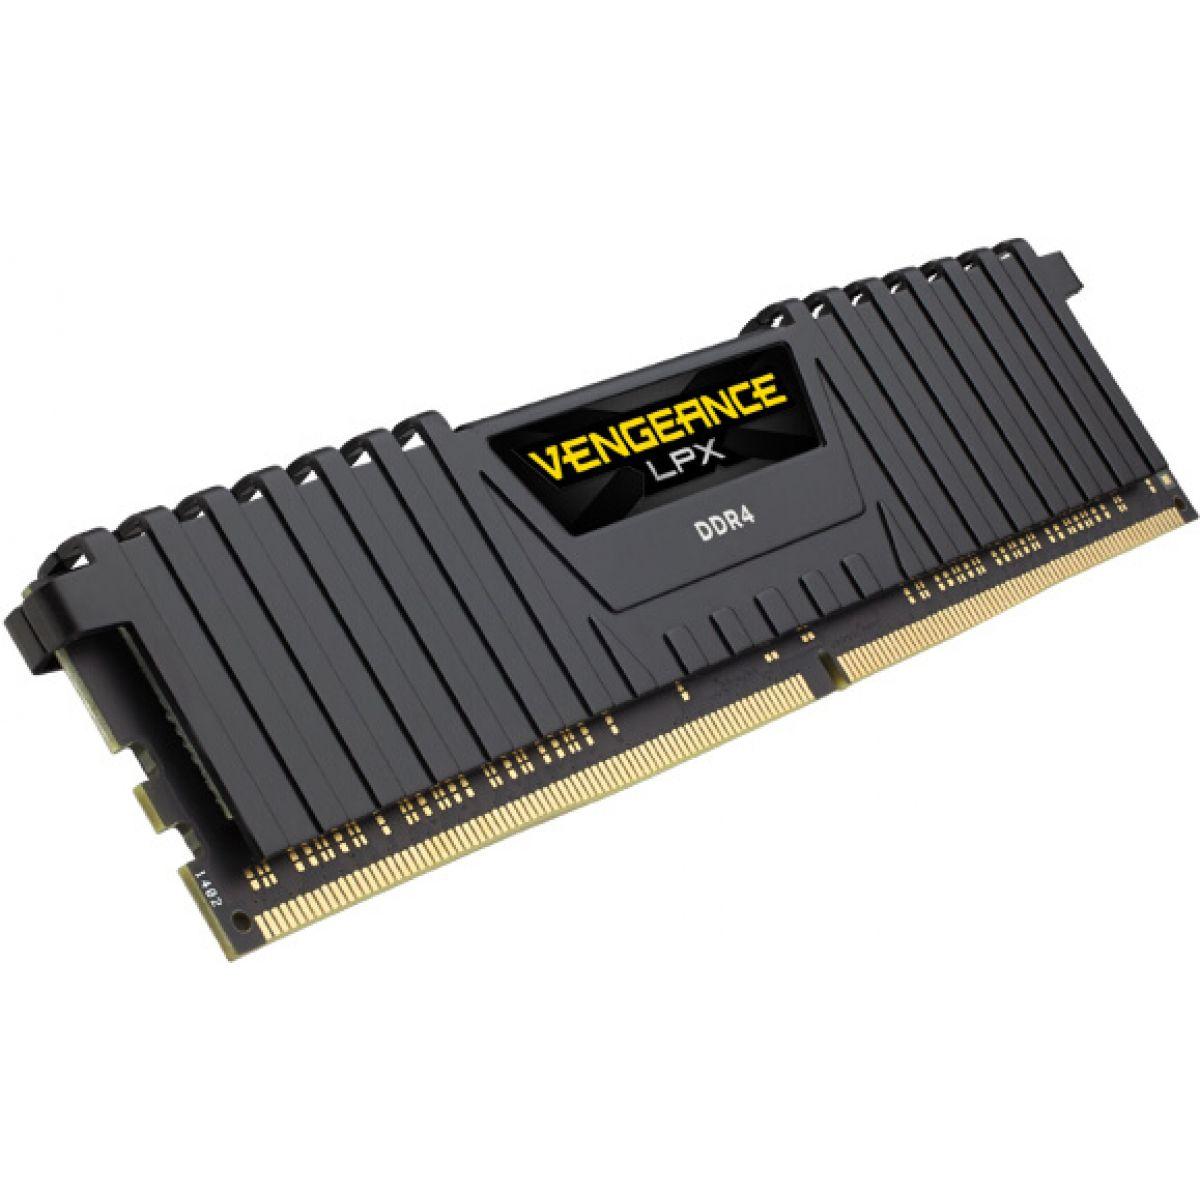 MEMORIA DESKTOP CORSAIR VENGANCE 8GB DDR4 3000MHZ CMK8GX4M1D3000C16